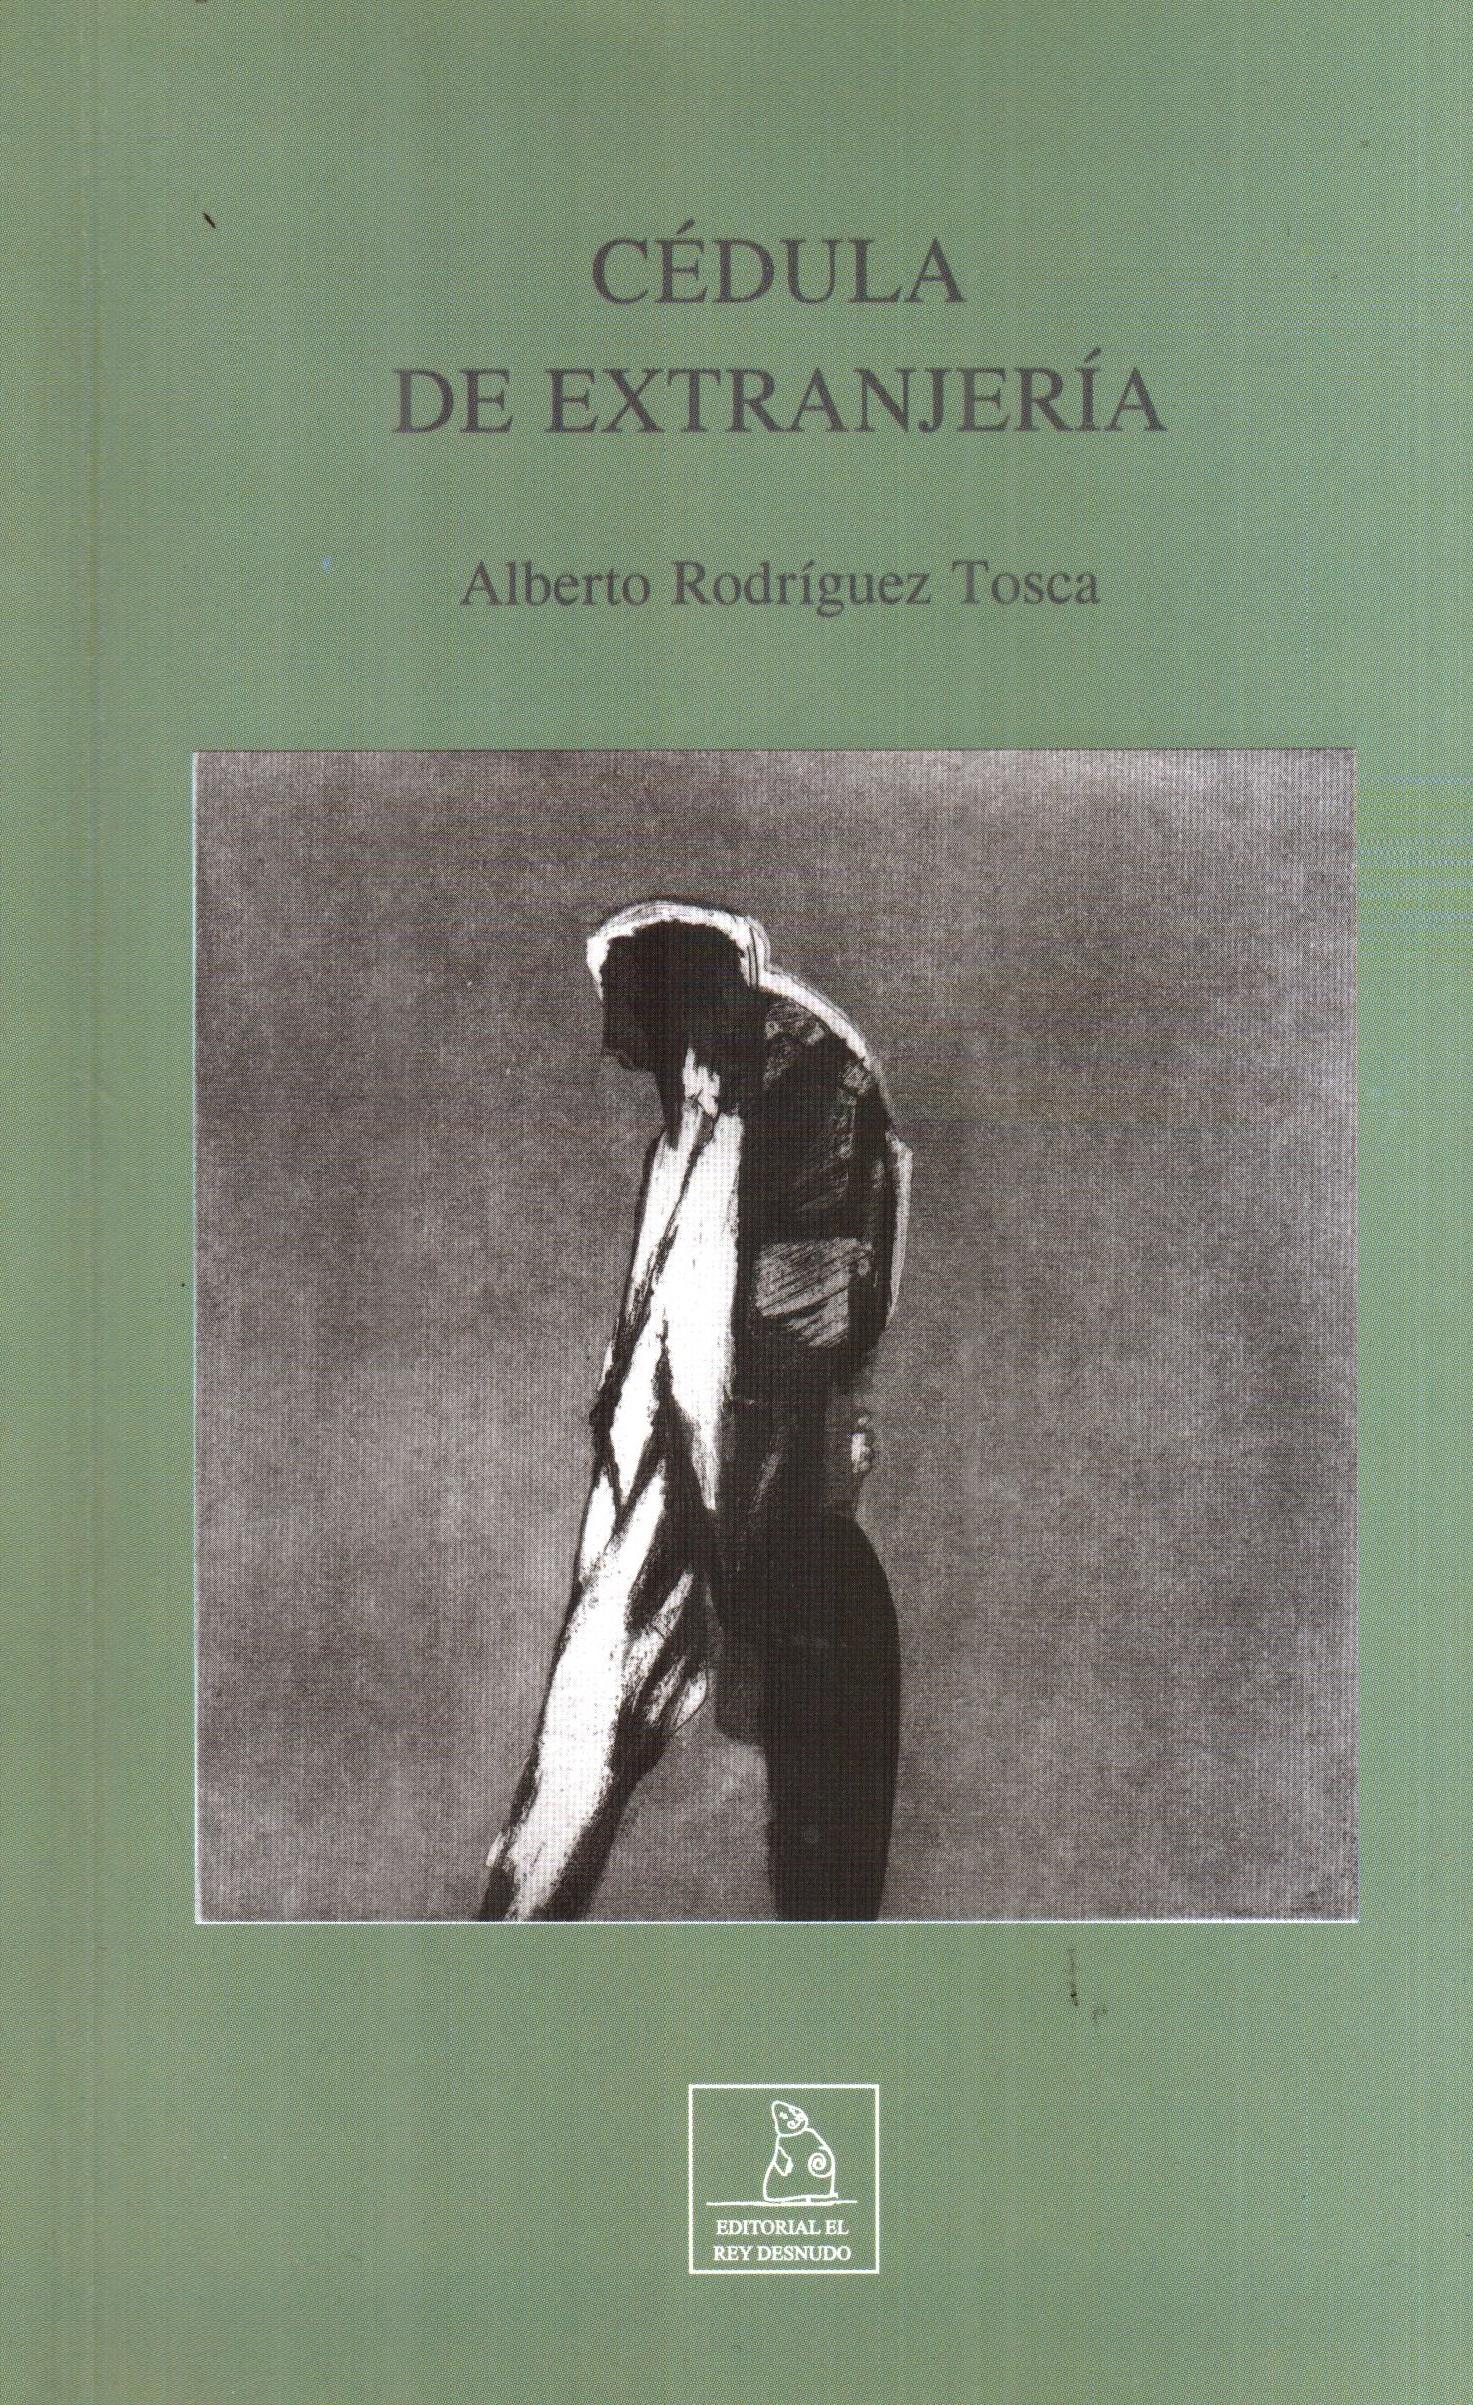 Cédula de extranjería. Alberto Rodríguez Tosca. Editorial El Rey Desnudo. Bogotá: 2016.